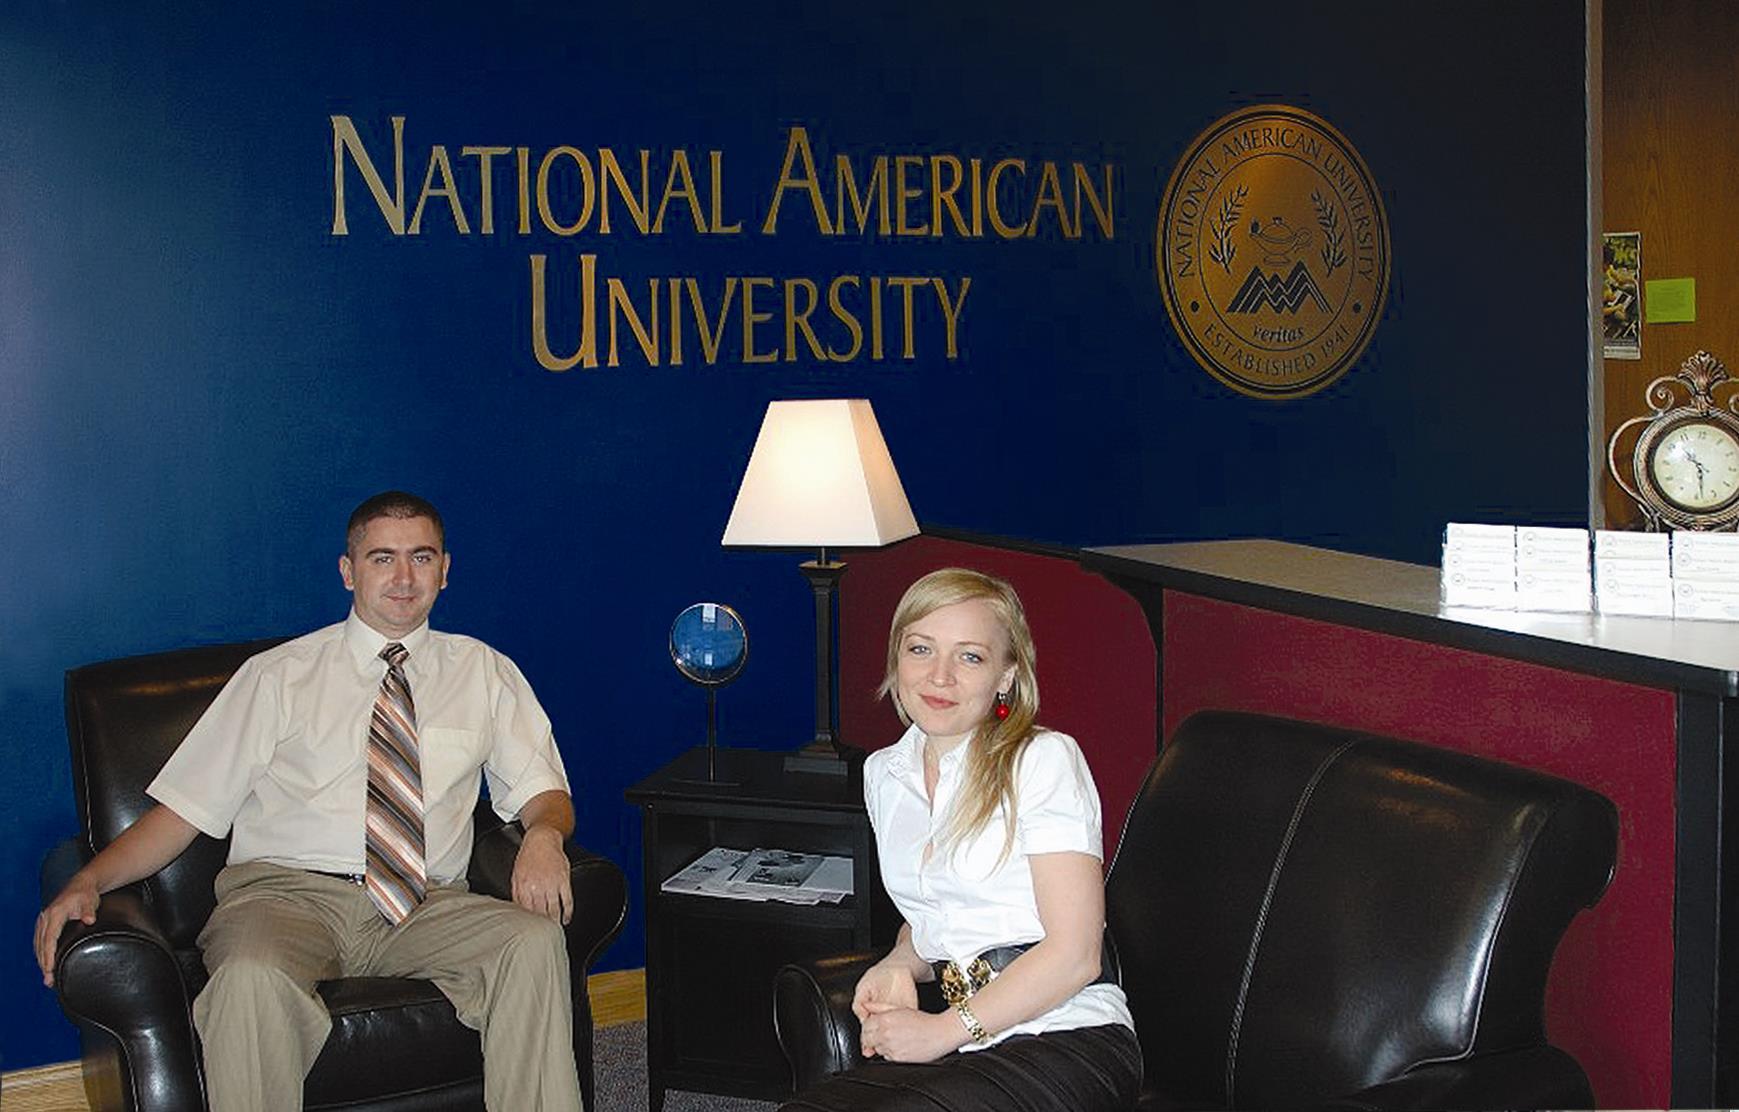 Lect. sup. Dinu ȚURCANU și lect.sup. Tatiana ȚURCANU la cursuri de perfecționare în cadrul National American University, Minnesota, SUA, 2015.